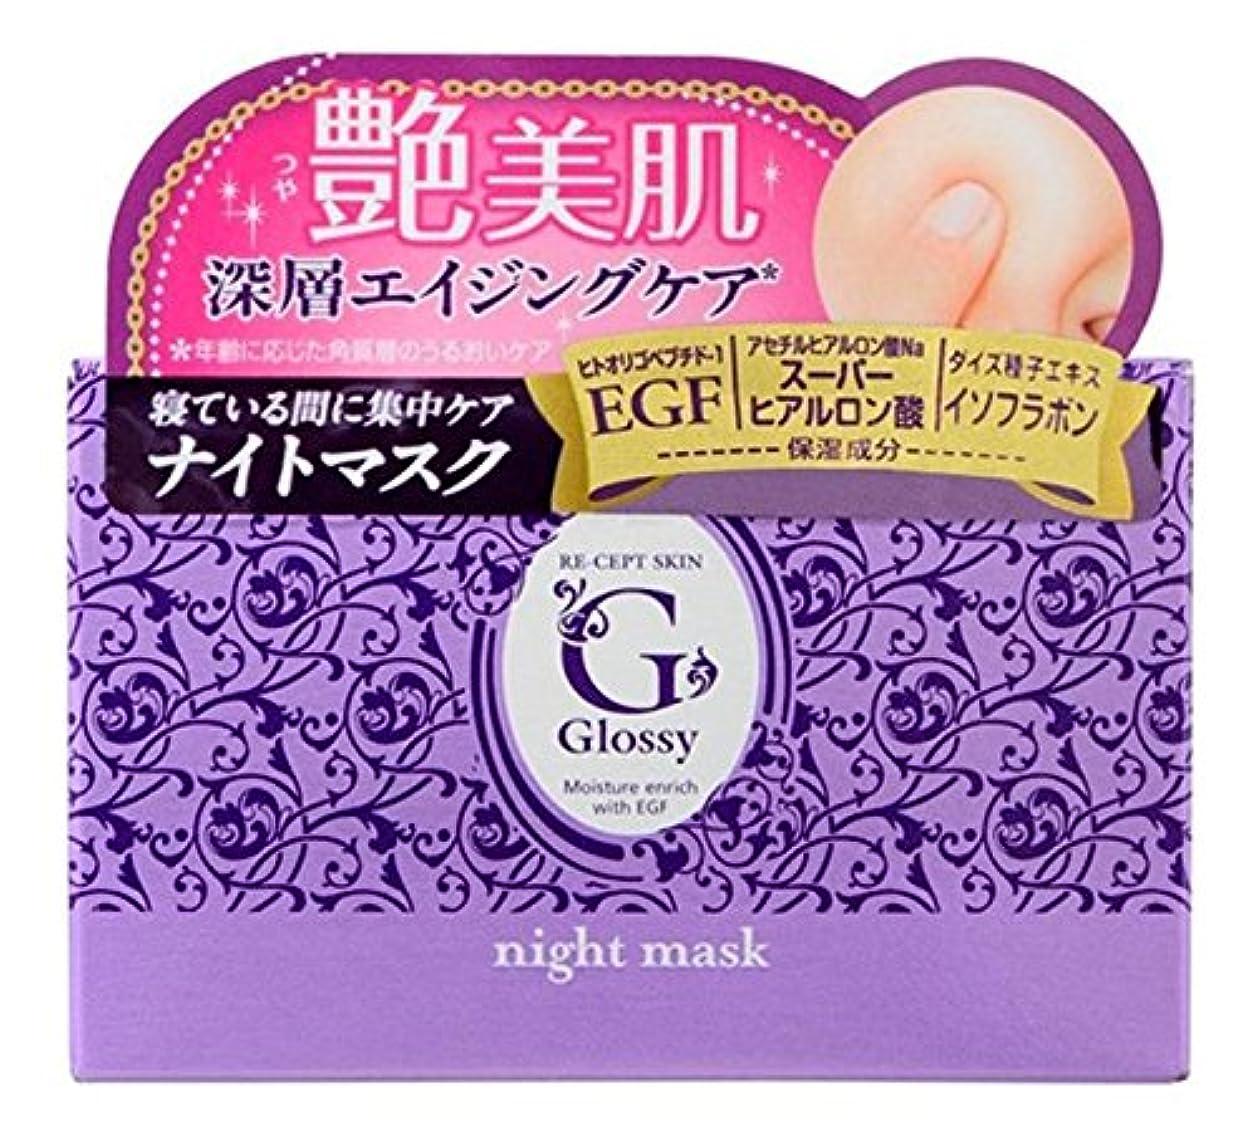 定数バッジアルバニー日本ゼトック リセプトスキン グロッシー ナイトマスク <クリーム状マスク> 90g